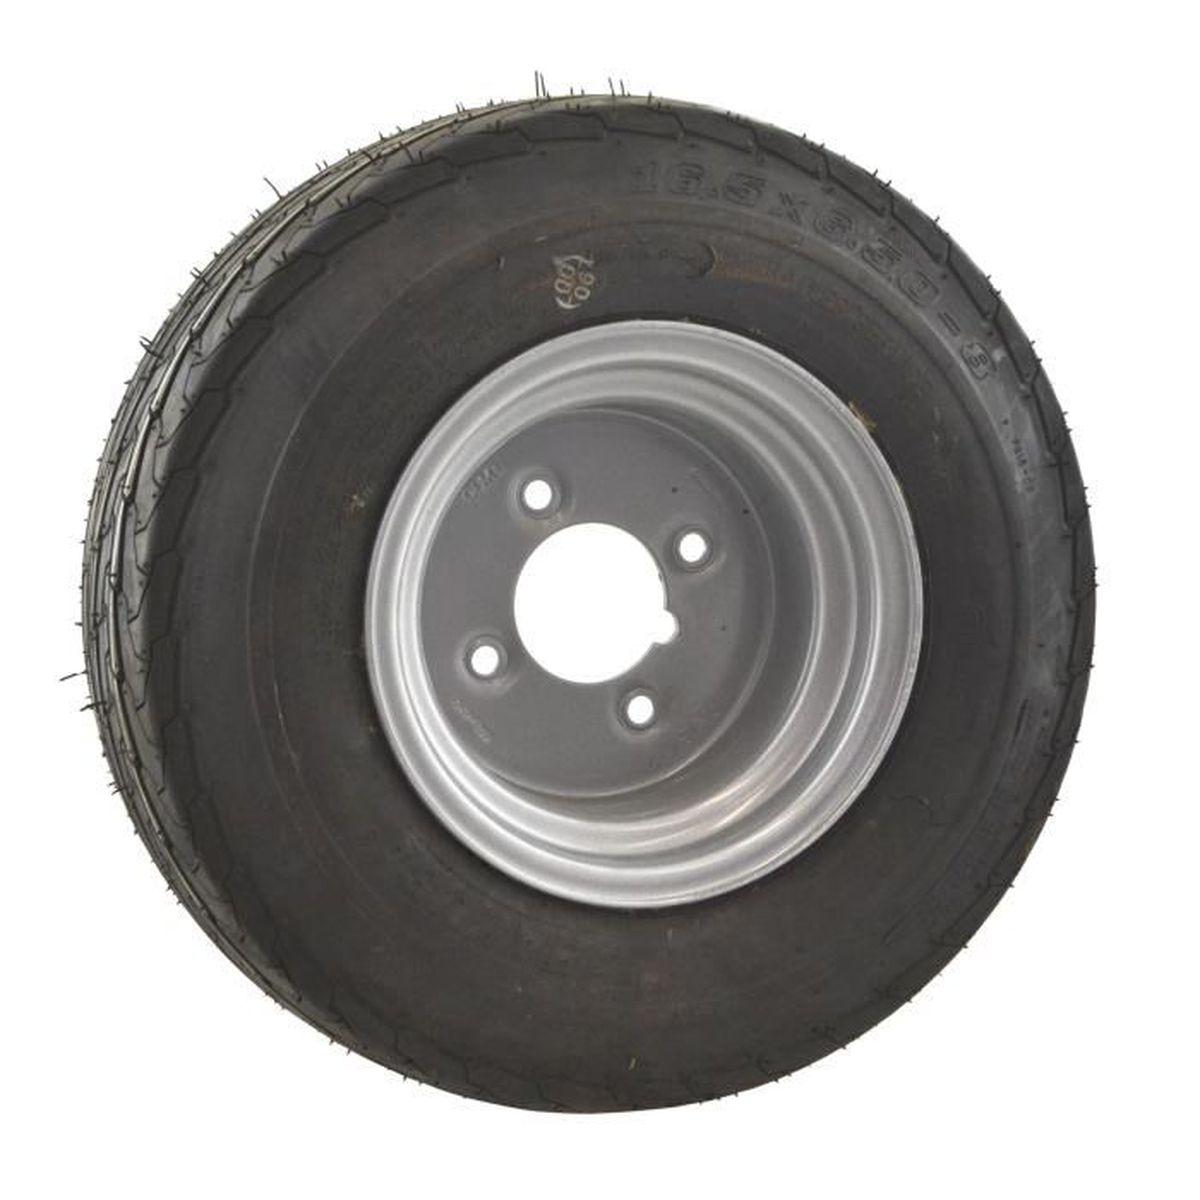 pneu 8 pouces remorque achat vente pneu 8 pouces remorque pas cher cdiscount. Black Bedroom Furniture Sets. Home Design Ideas